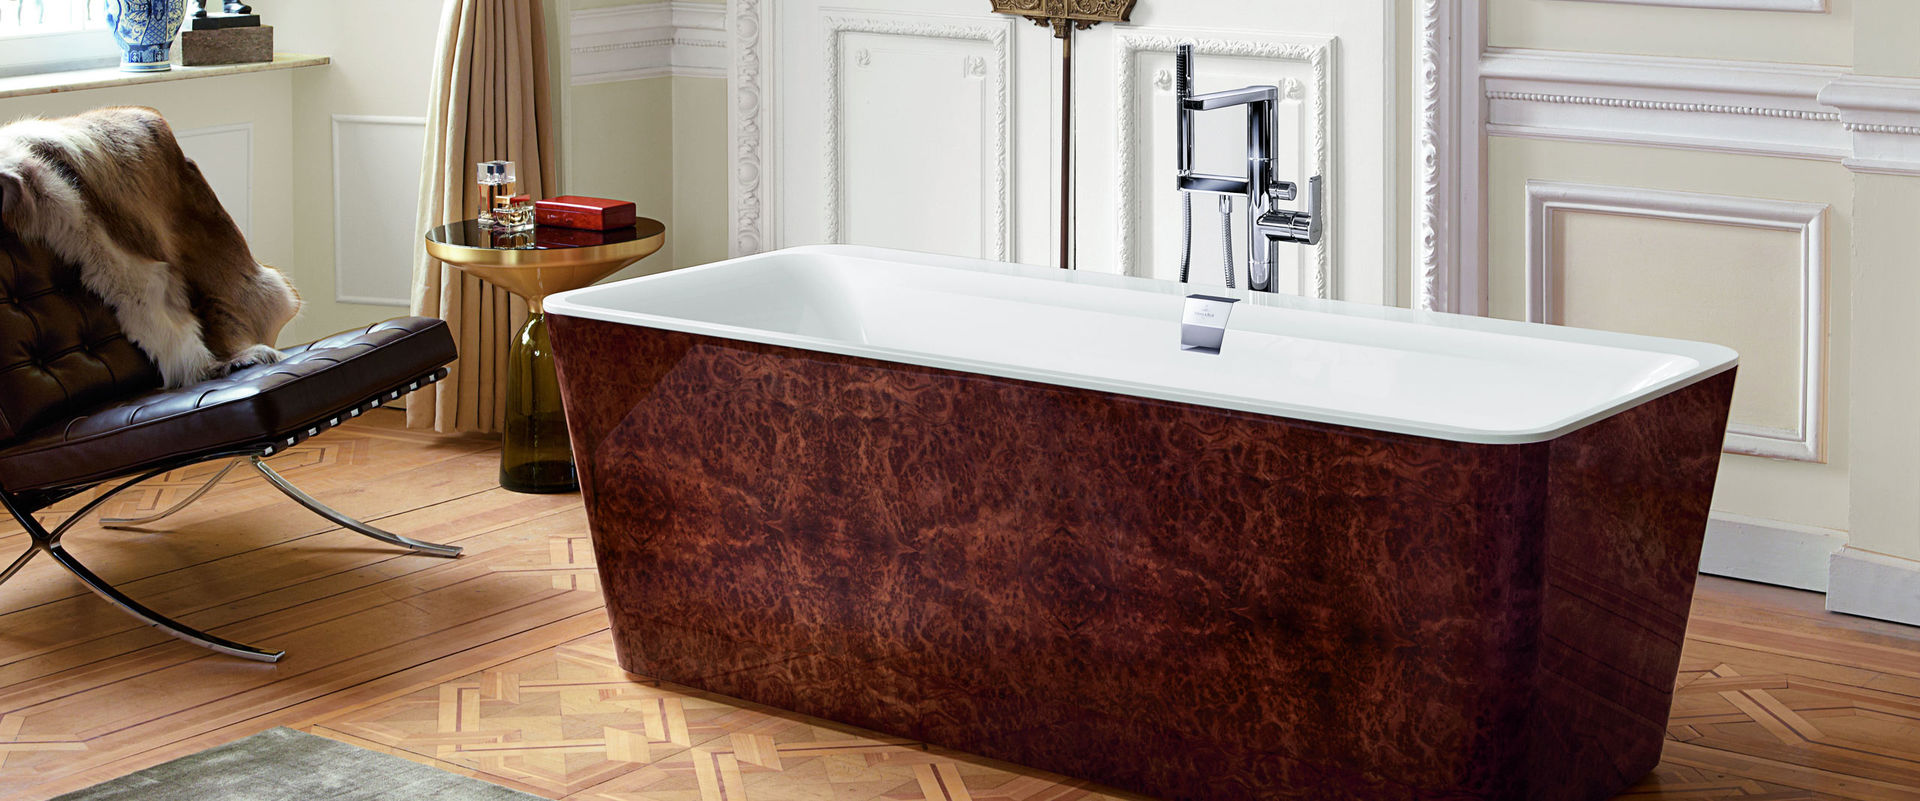 Badewanne Squaro Prestige - Moderner Luxus von Villeroy & Boch